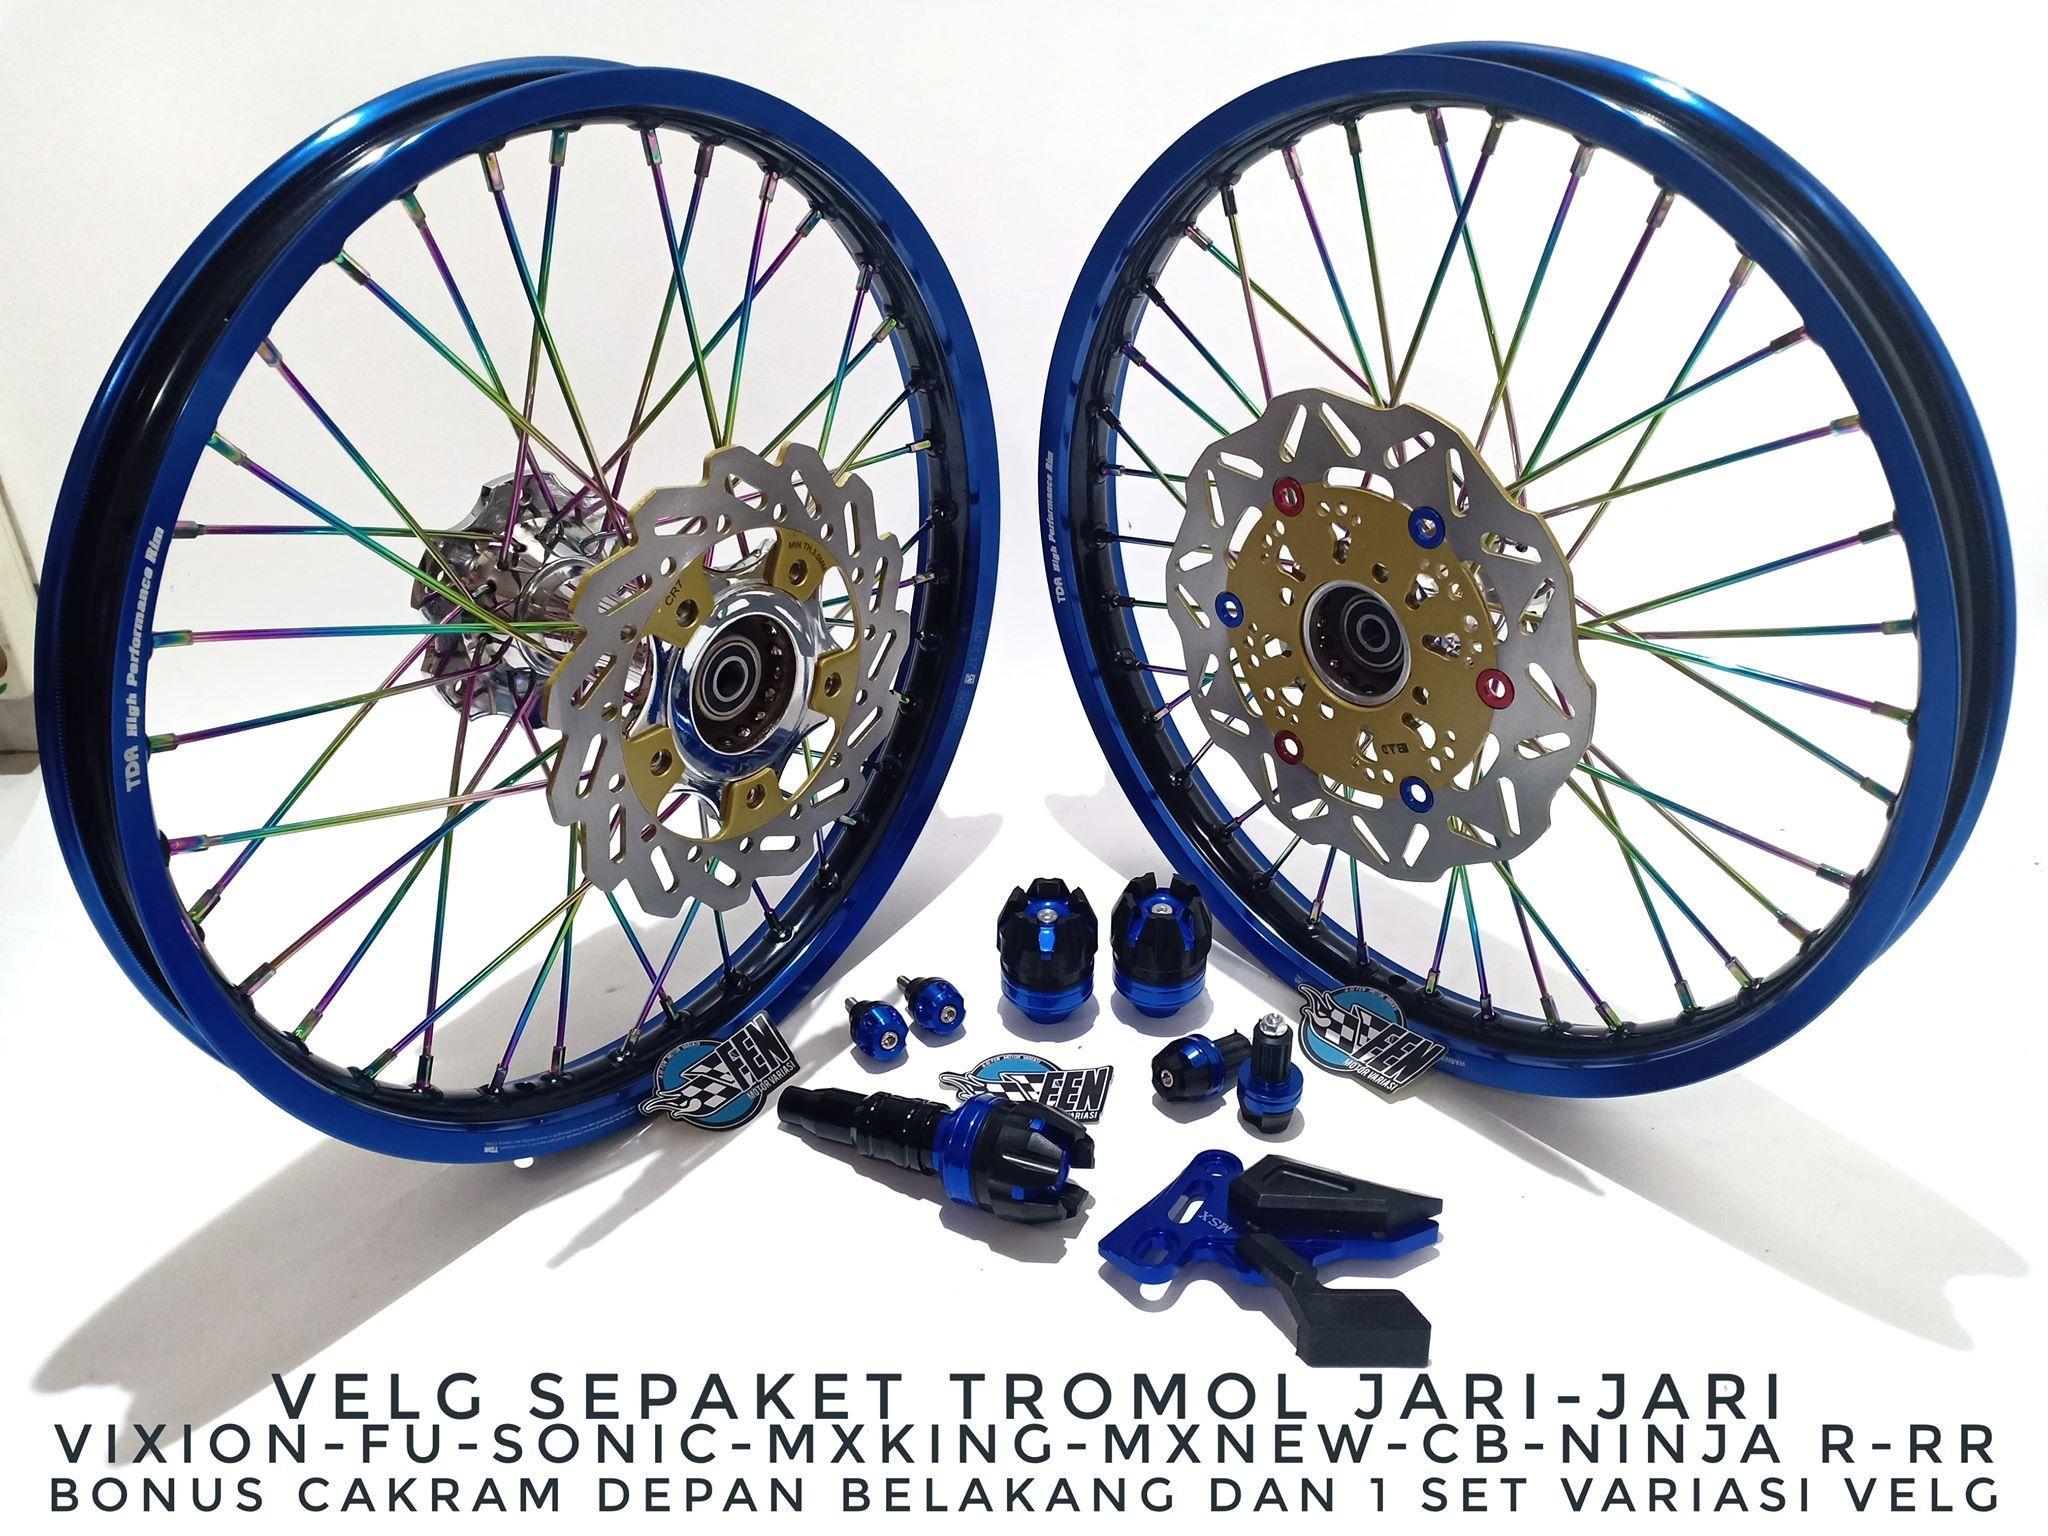 Velg TDR Vixion New - Vixion Old - Vixion Nvl Tromol Becak